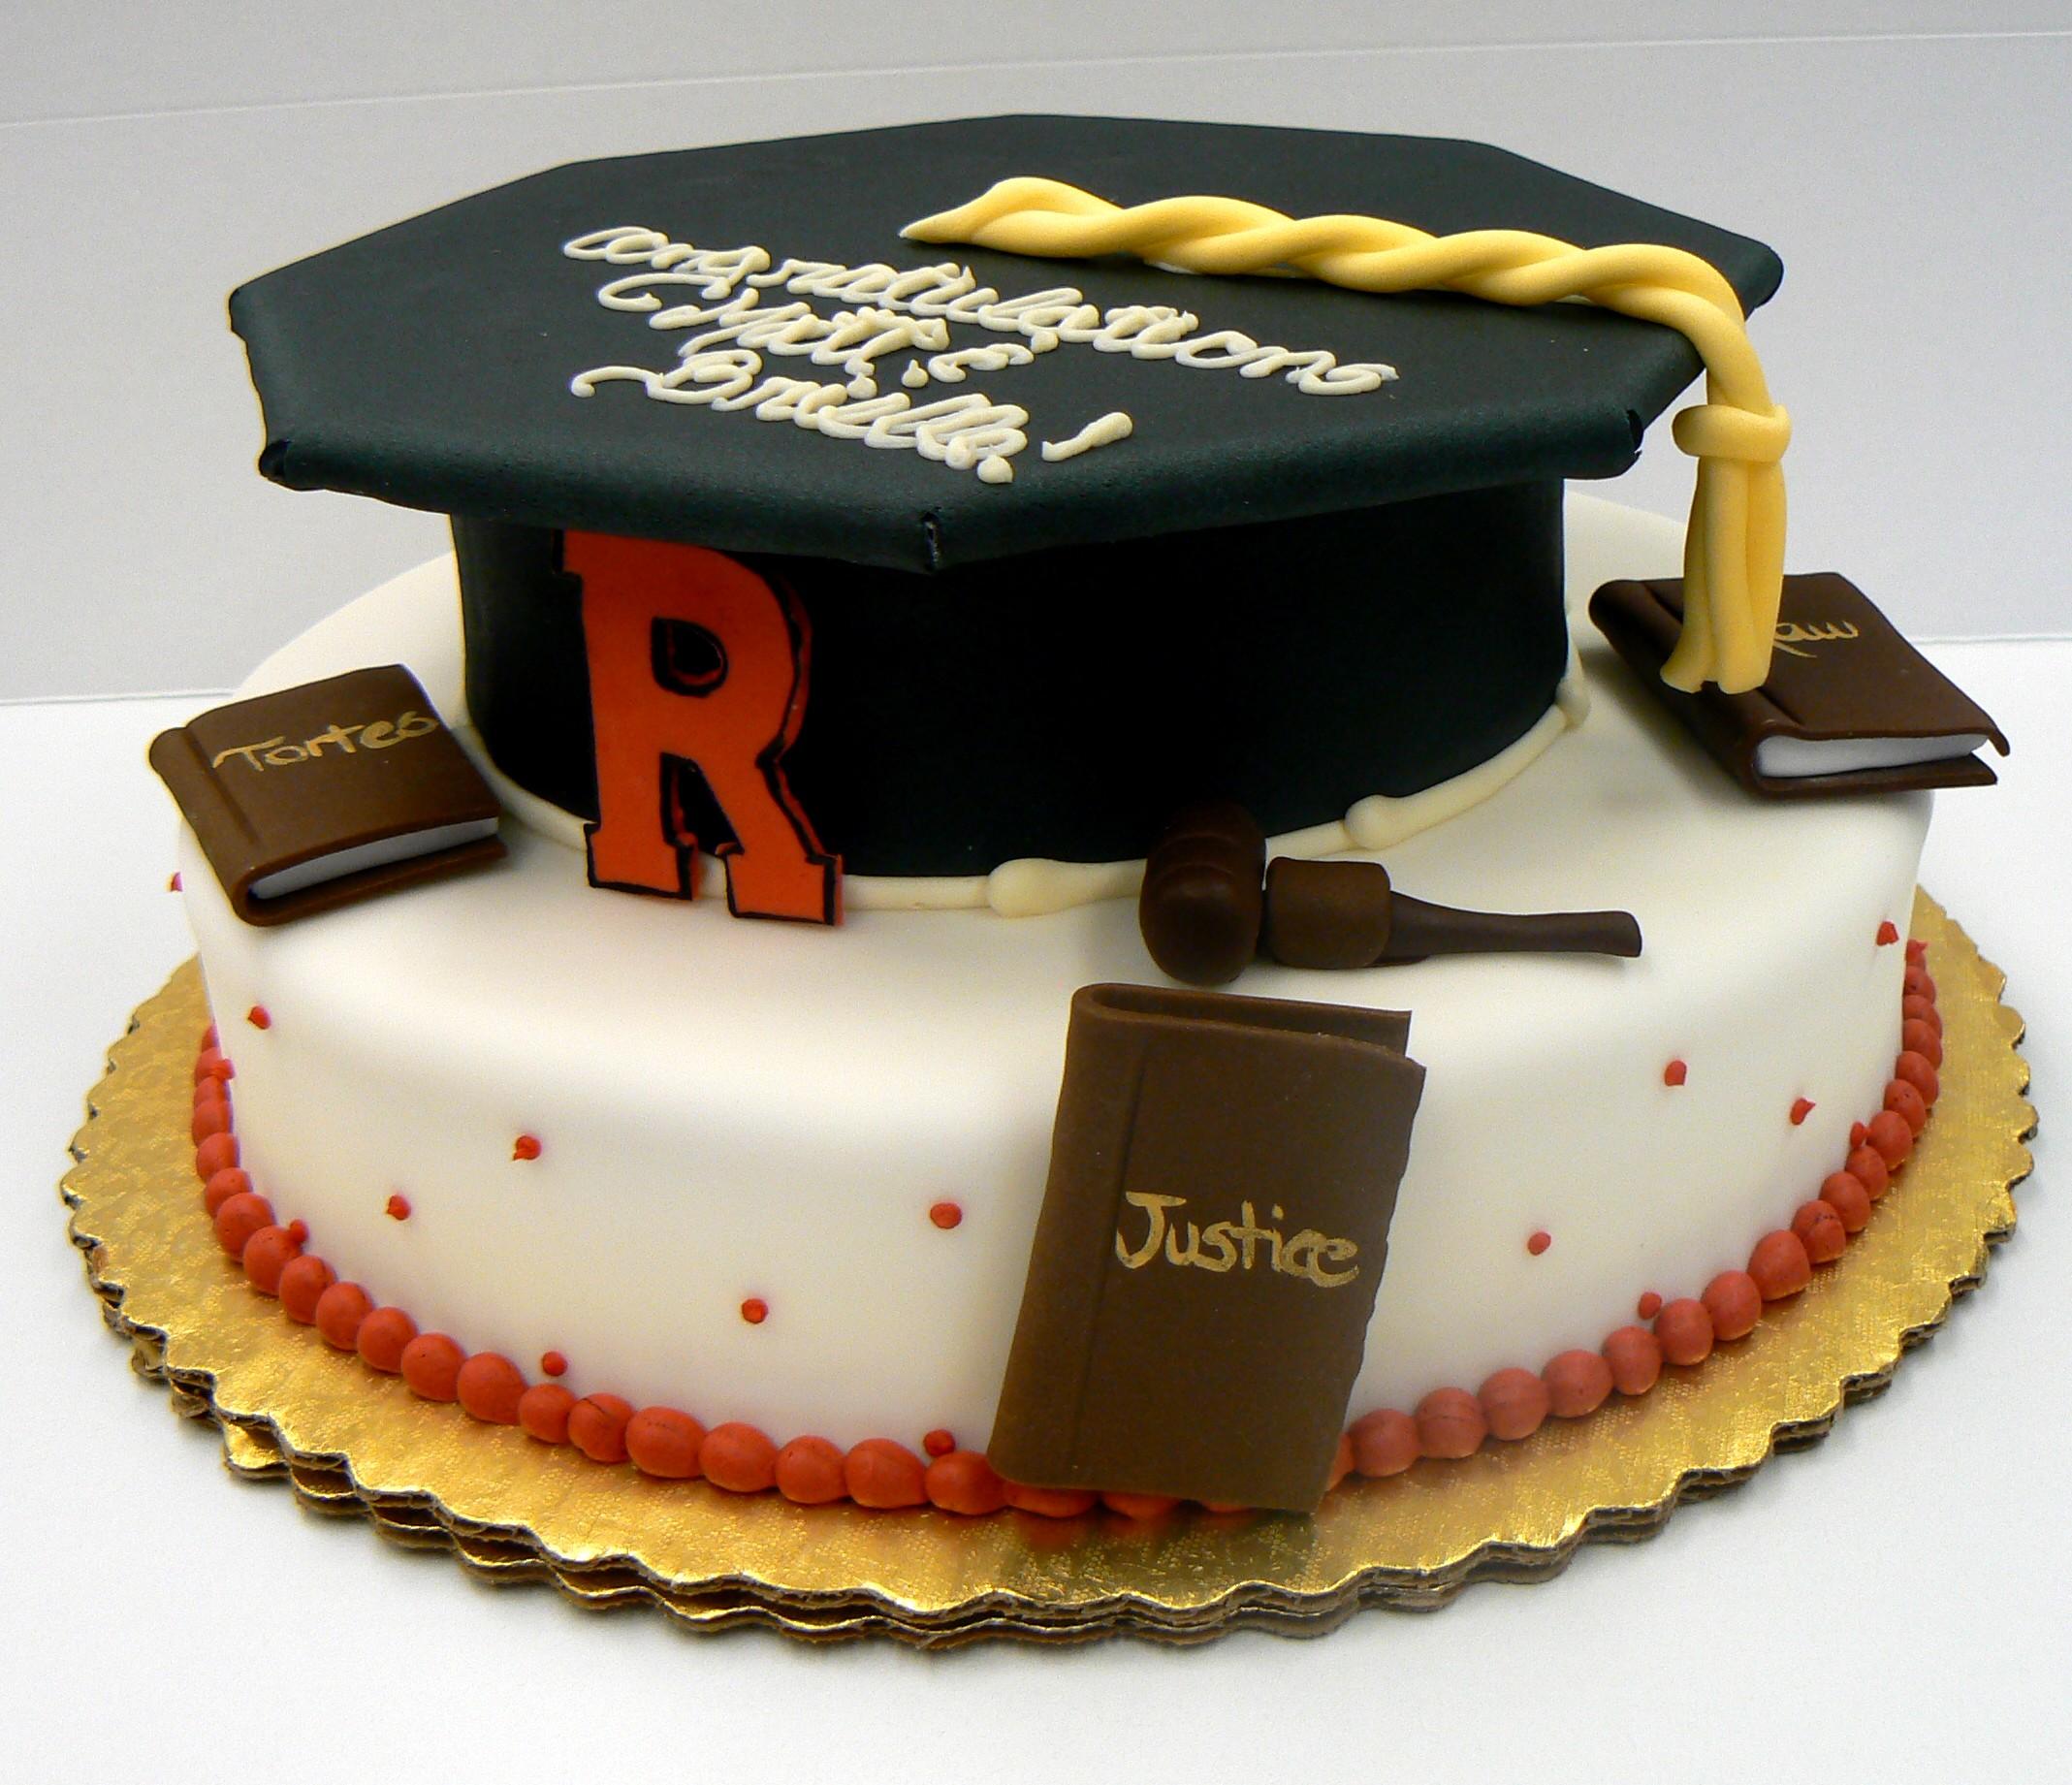 Torte Di Cake Design Roma : File:Graduation cake with cap (4667090156).jpg - Wikimedia ...